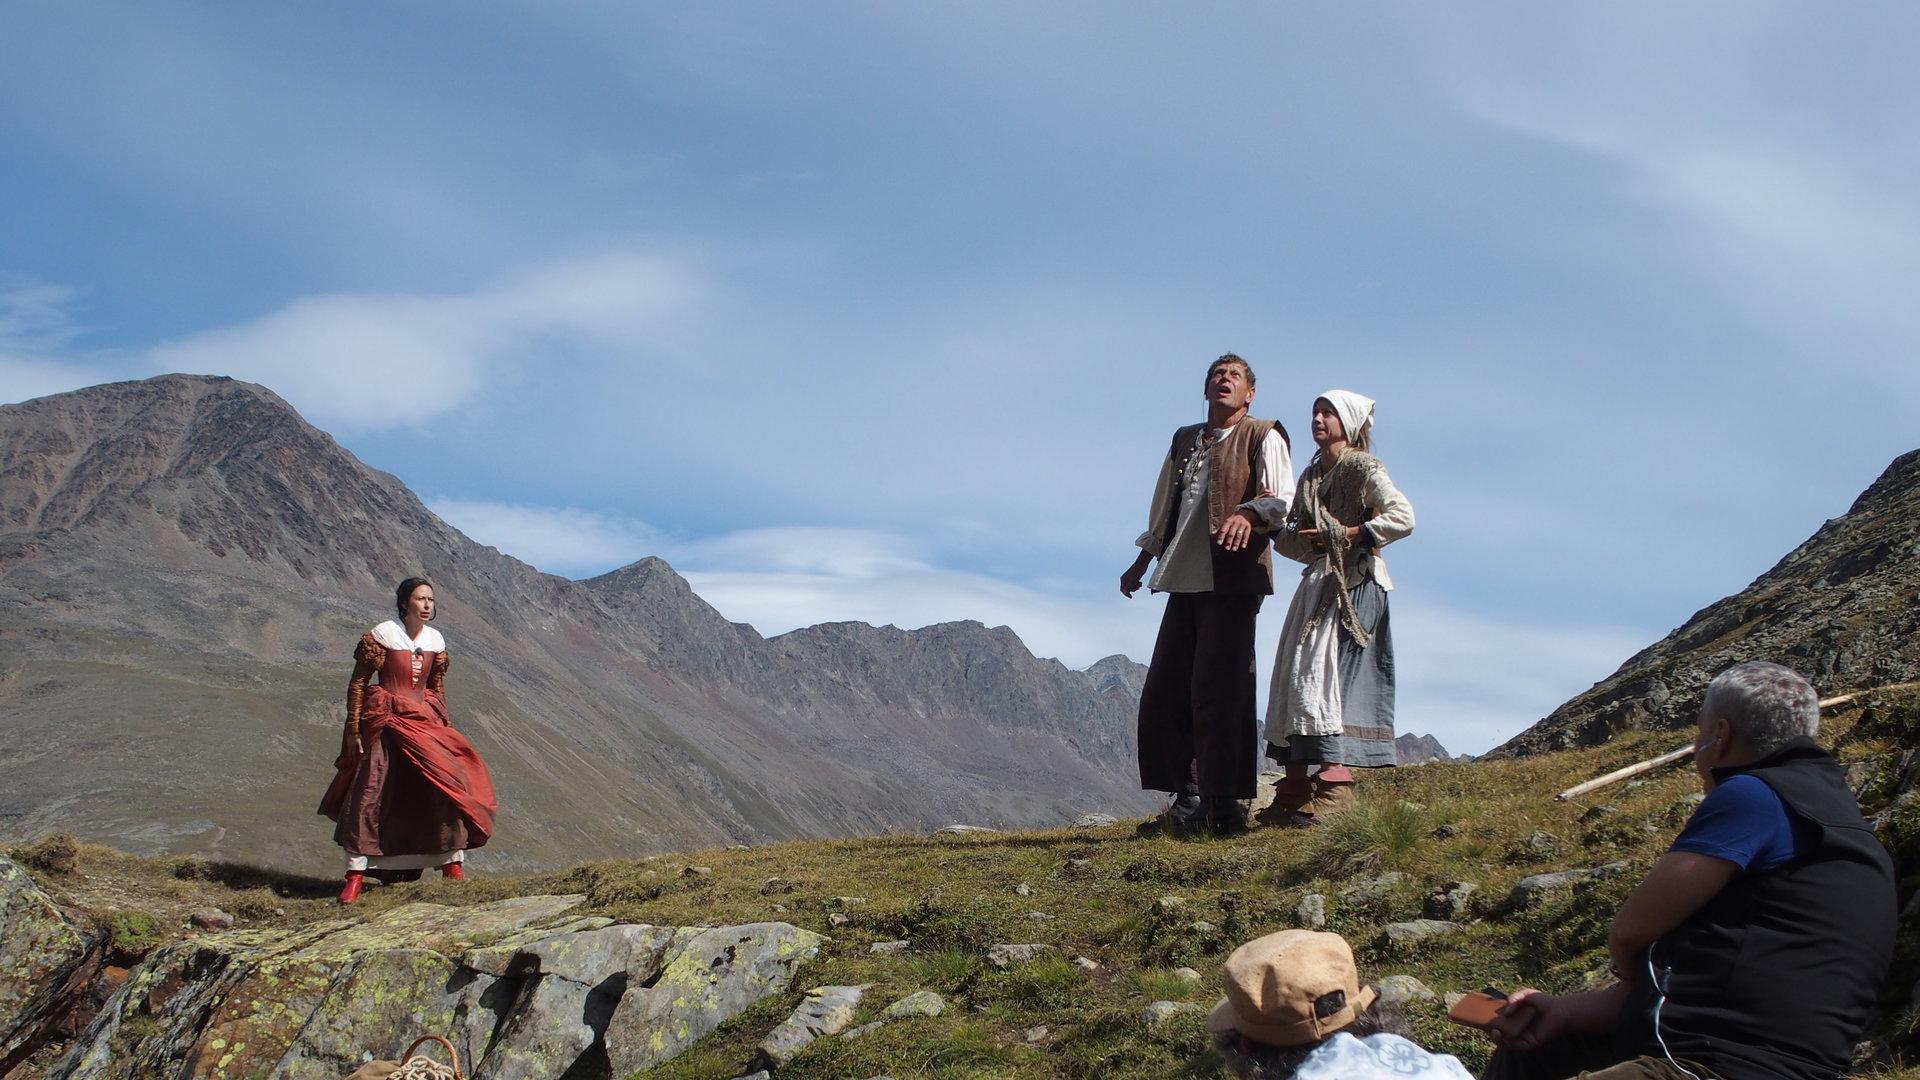 Wandertheater auf dem Berg | kurier.at